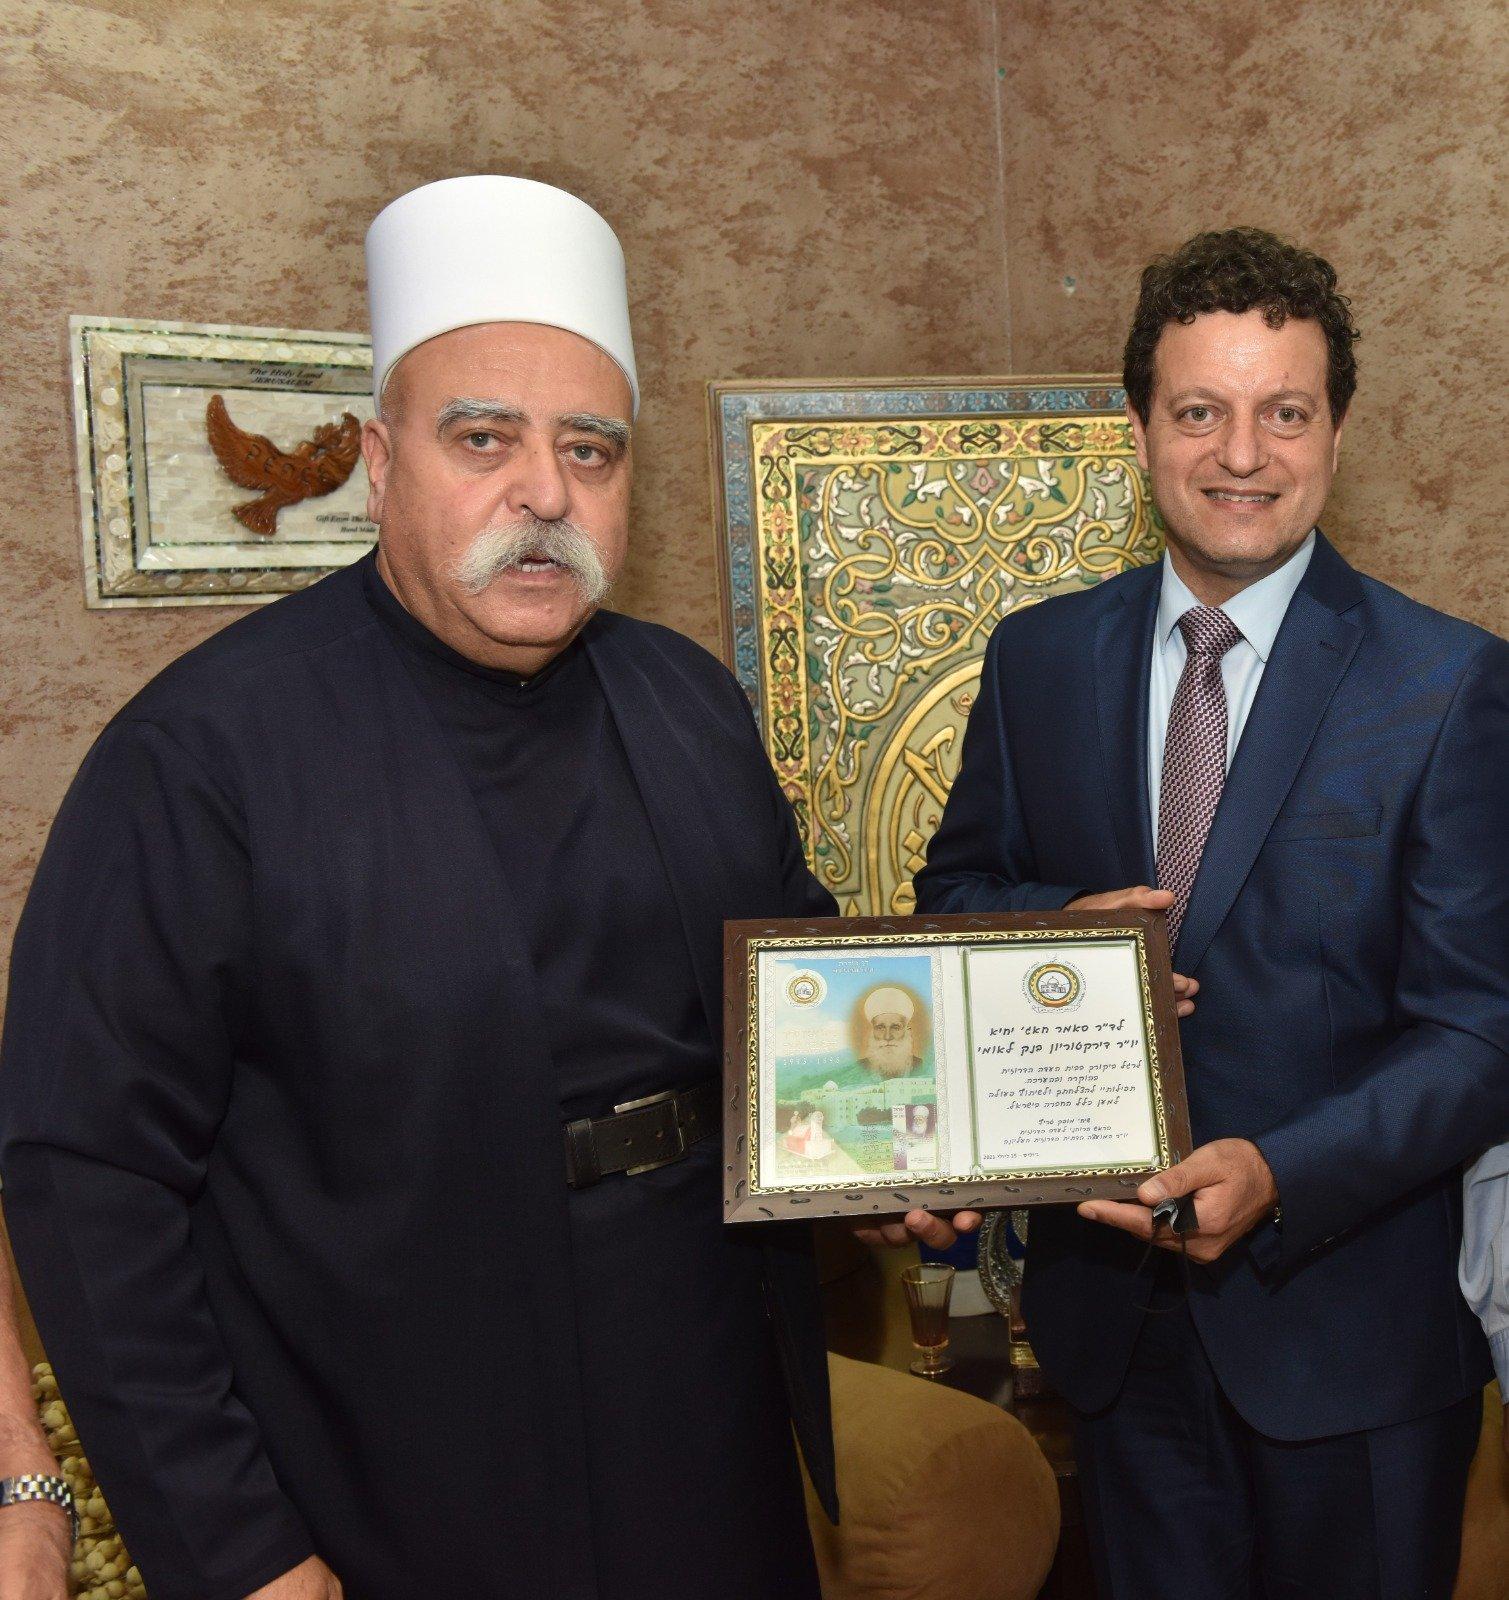 عشية العيد: رئيس مجلس إدارة لئومي د. سامر حاج يحيى يزور الشيخ موفق طريف-1